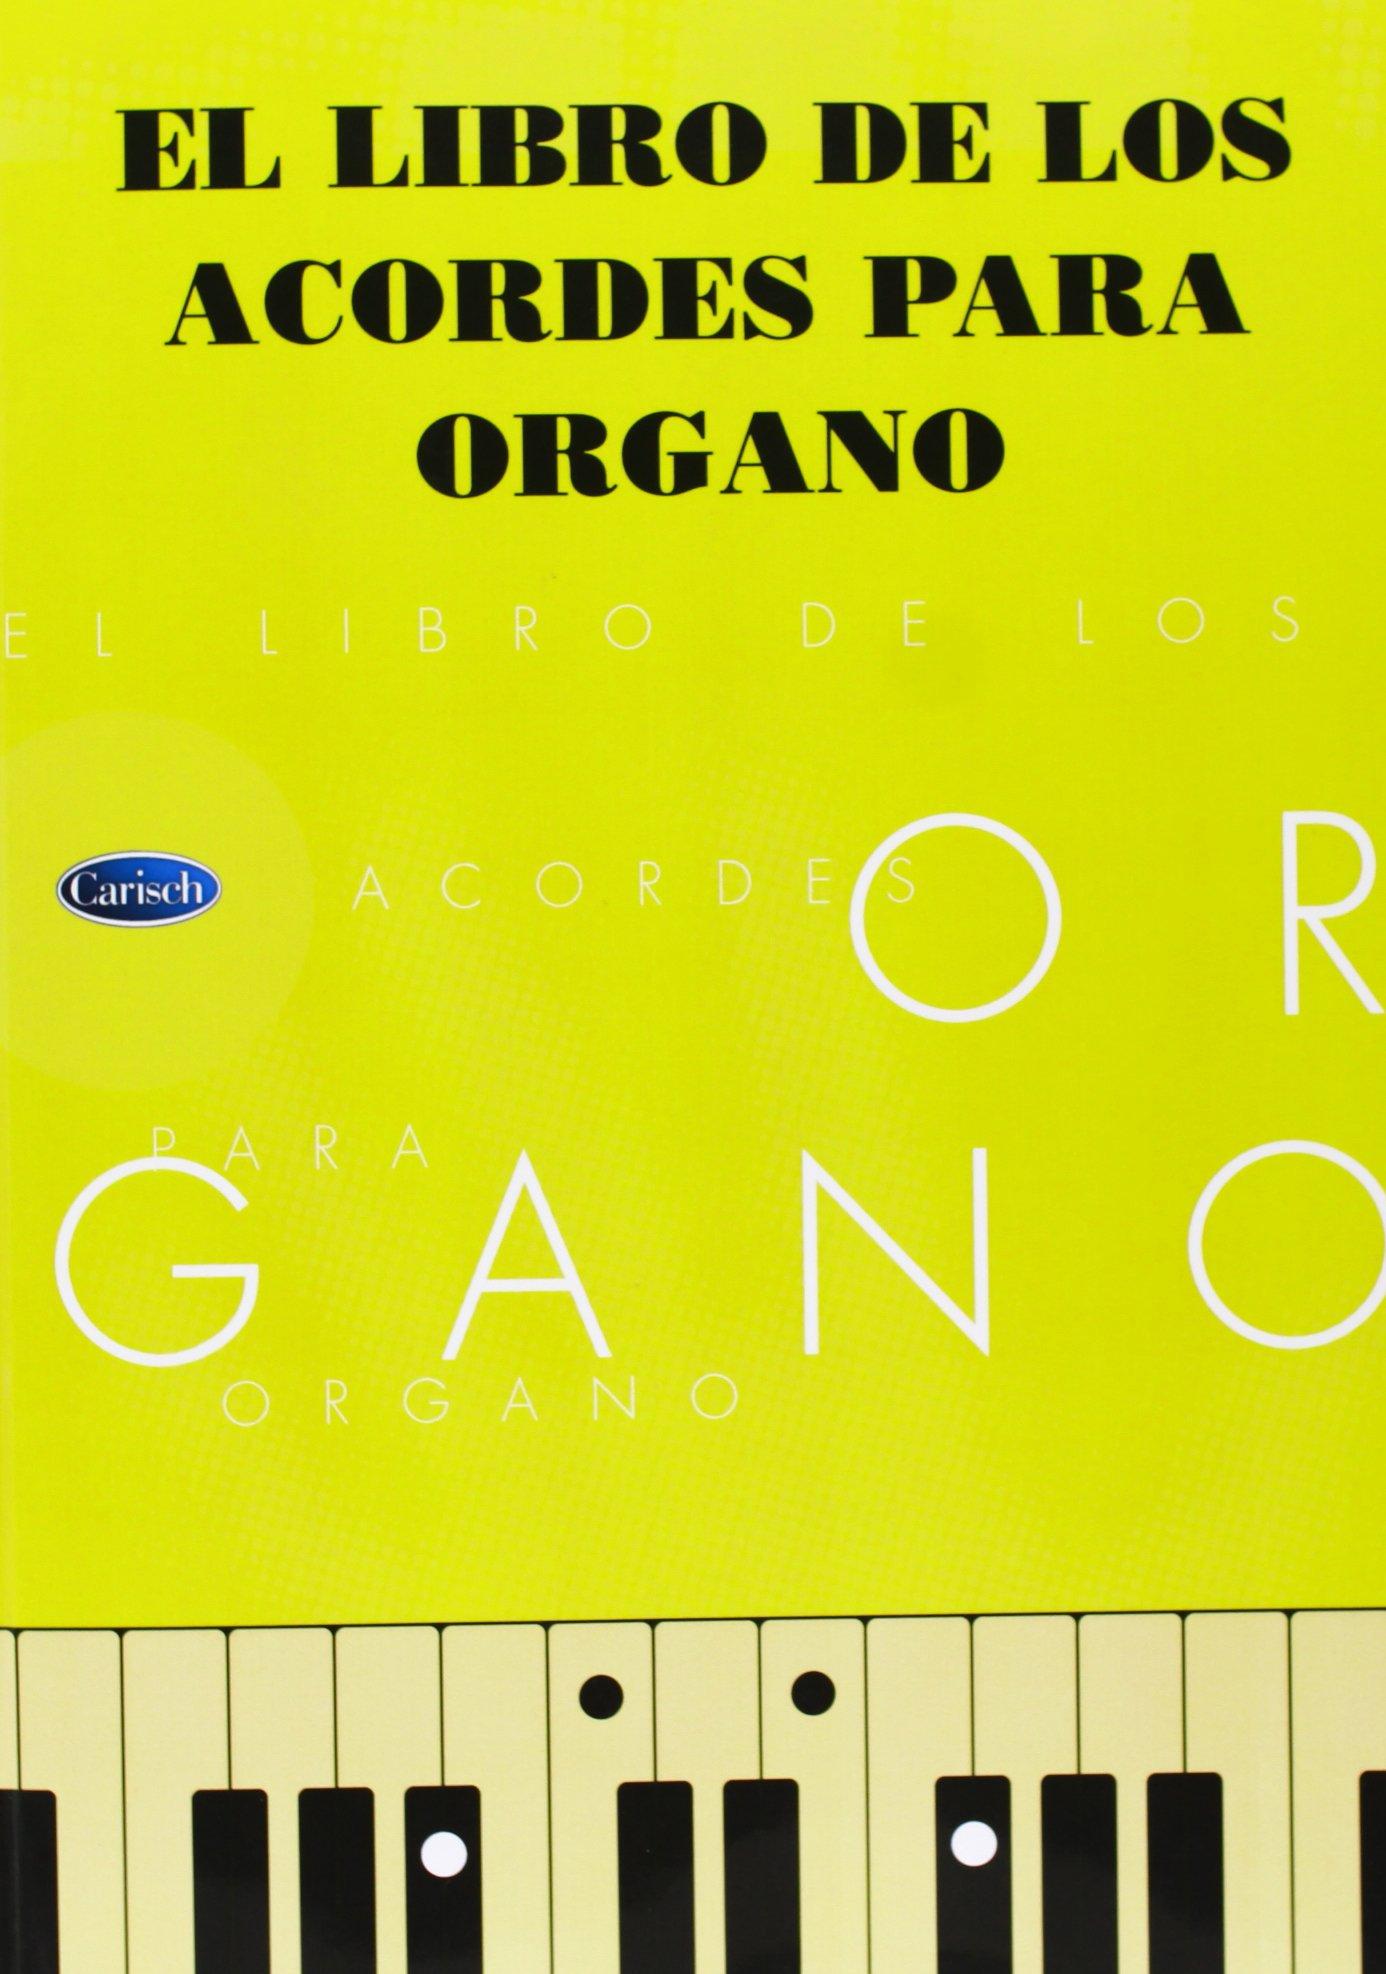 El Libro de los Acordes para Organo: Amazon.es: Aa.Vv., Organ ...